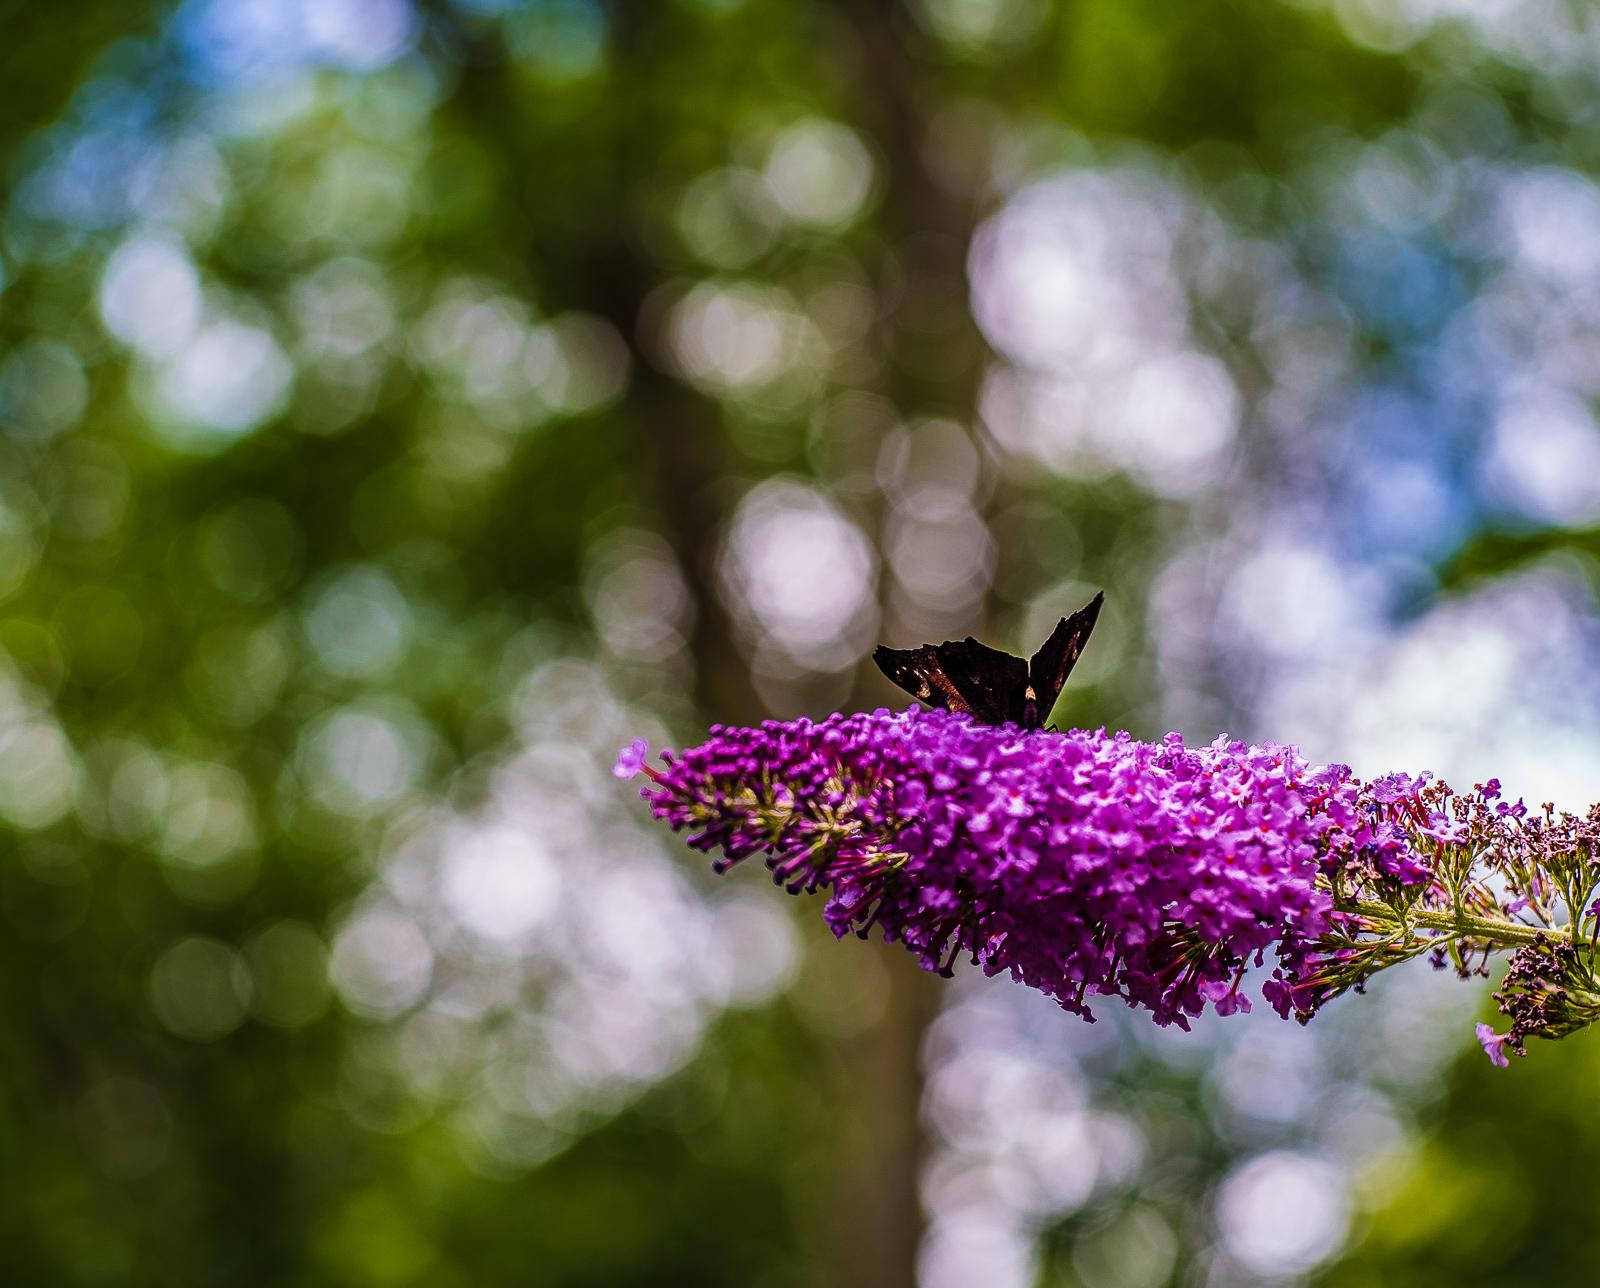 Schmetterlingsflieder mit Falter darauf, vor Unschärfekreisen (Lichtkullern) im Wald